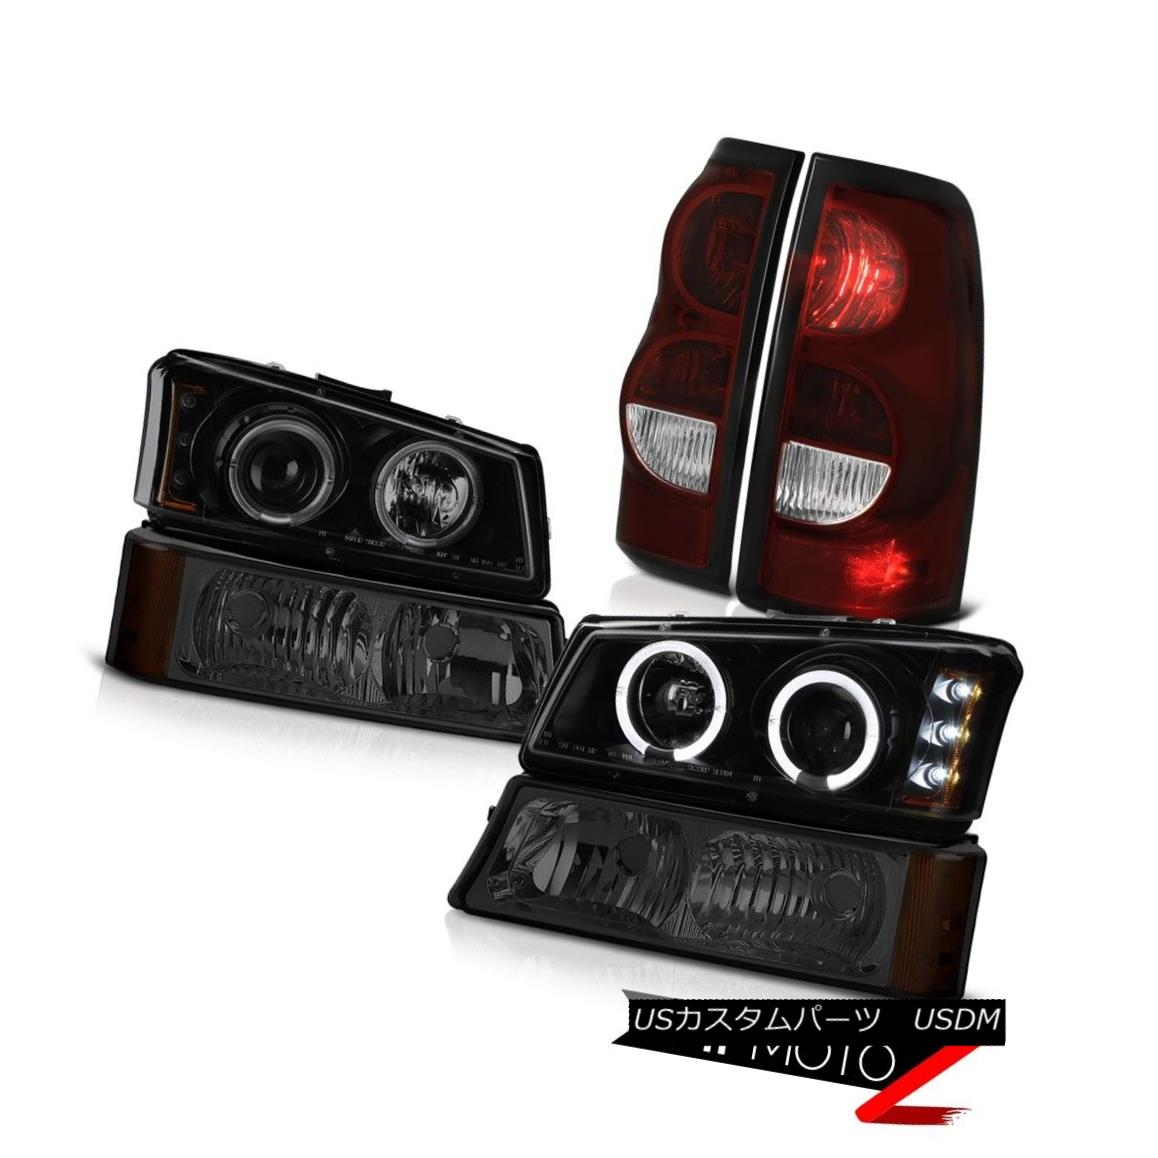 ヘッドライト 03 04 05 06 Chevy Silverado 1500 Red Smoke Taillights Parking Light Headlamps 03 04 05 06 Chevy Silverado 1500レッド・スモーク・テイルライト・パーキングライトヘッドランプ